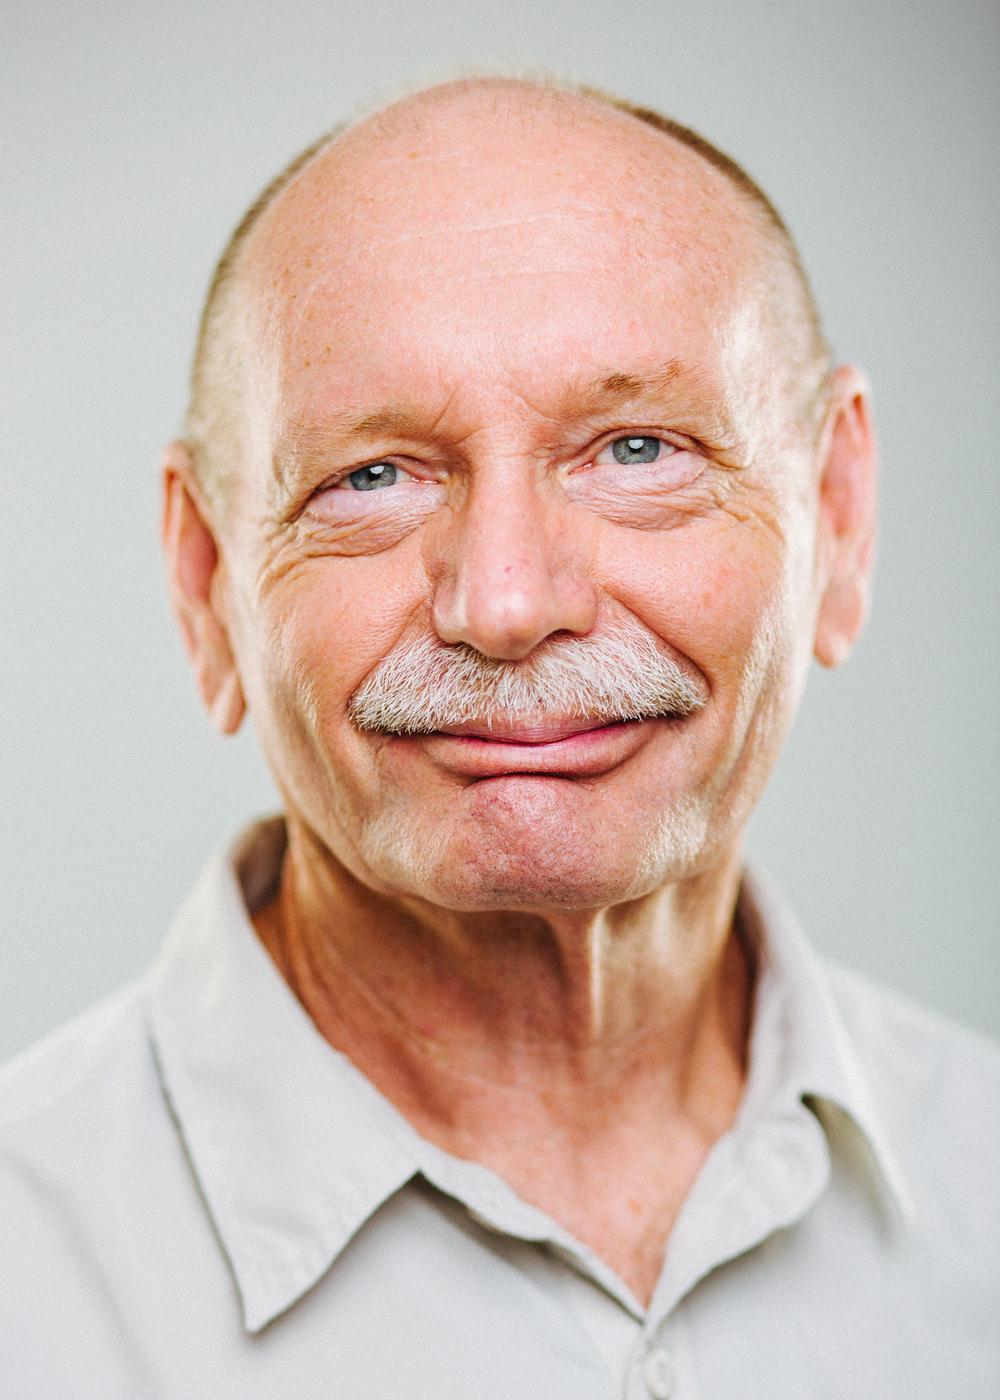 Model: Jim Livingstone   Click here for more info on Headshots